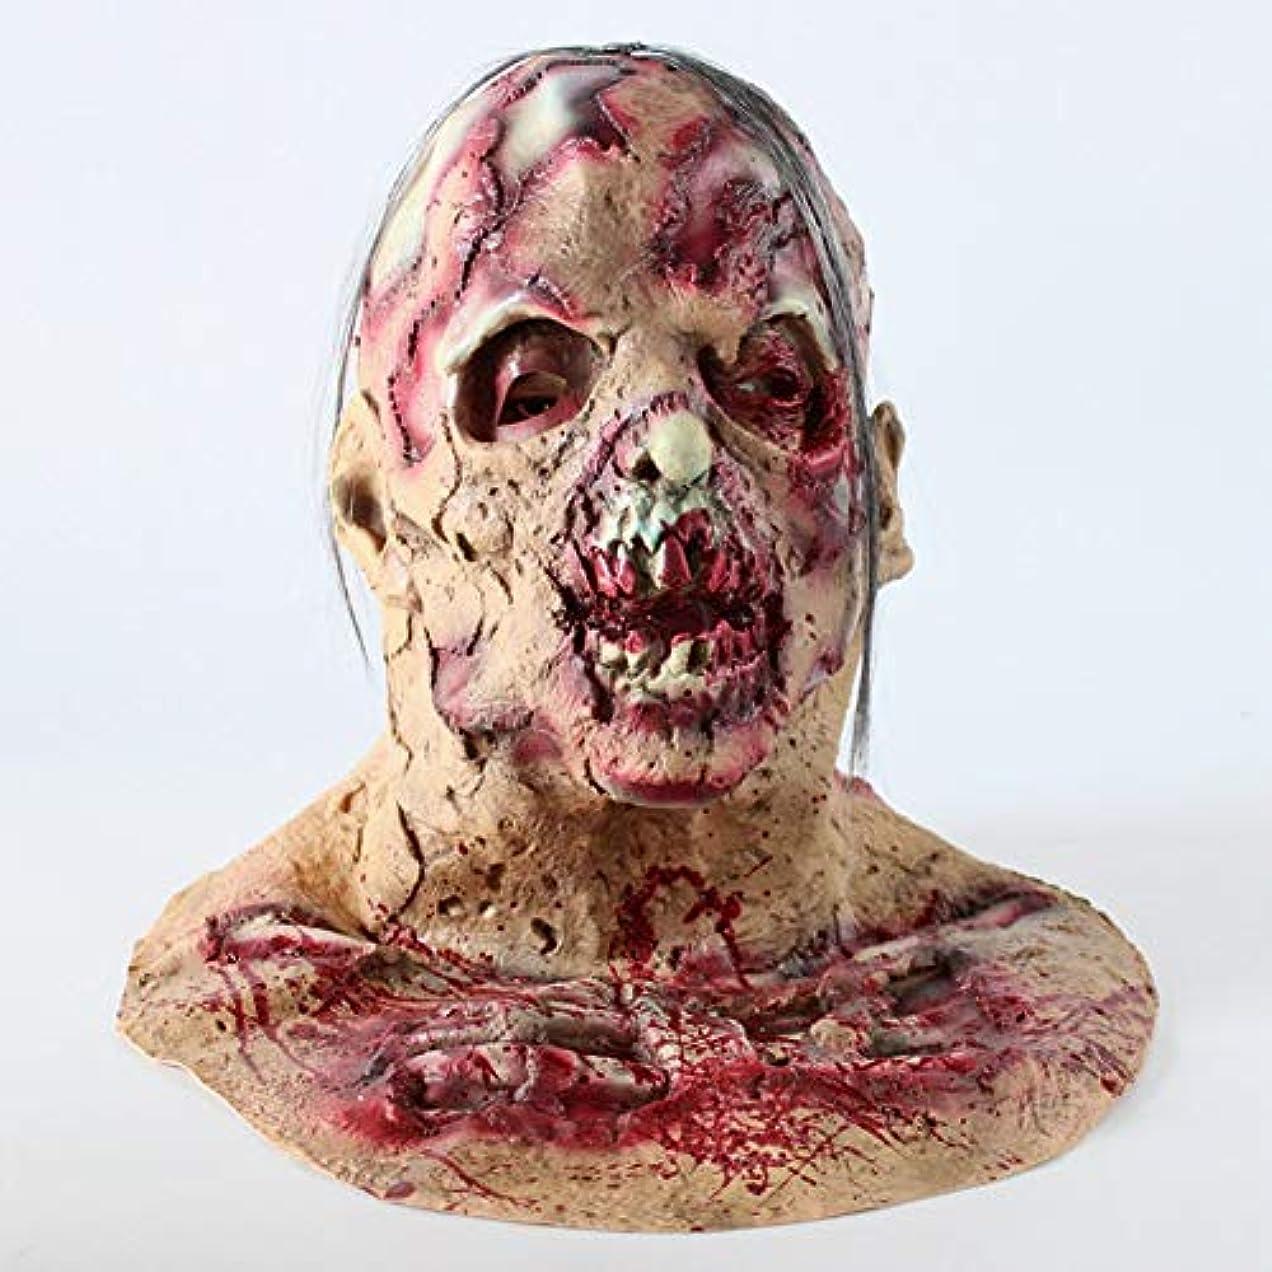 むしゃむしゃ対称メキシコハロウィーンホラーマスク、嫌なゾンビマスク、バイオハザードヘッドマスク、パーティー仮装ラテックスマスク